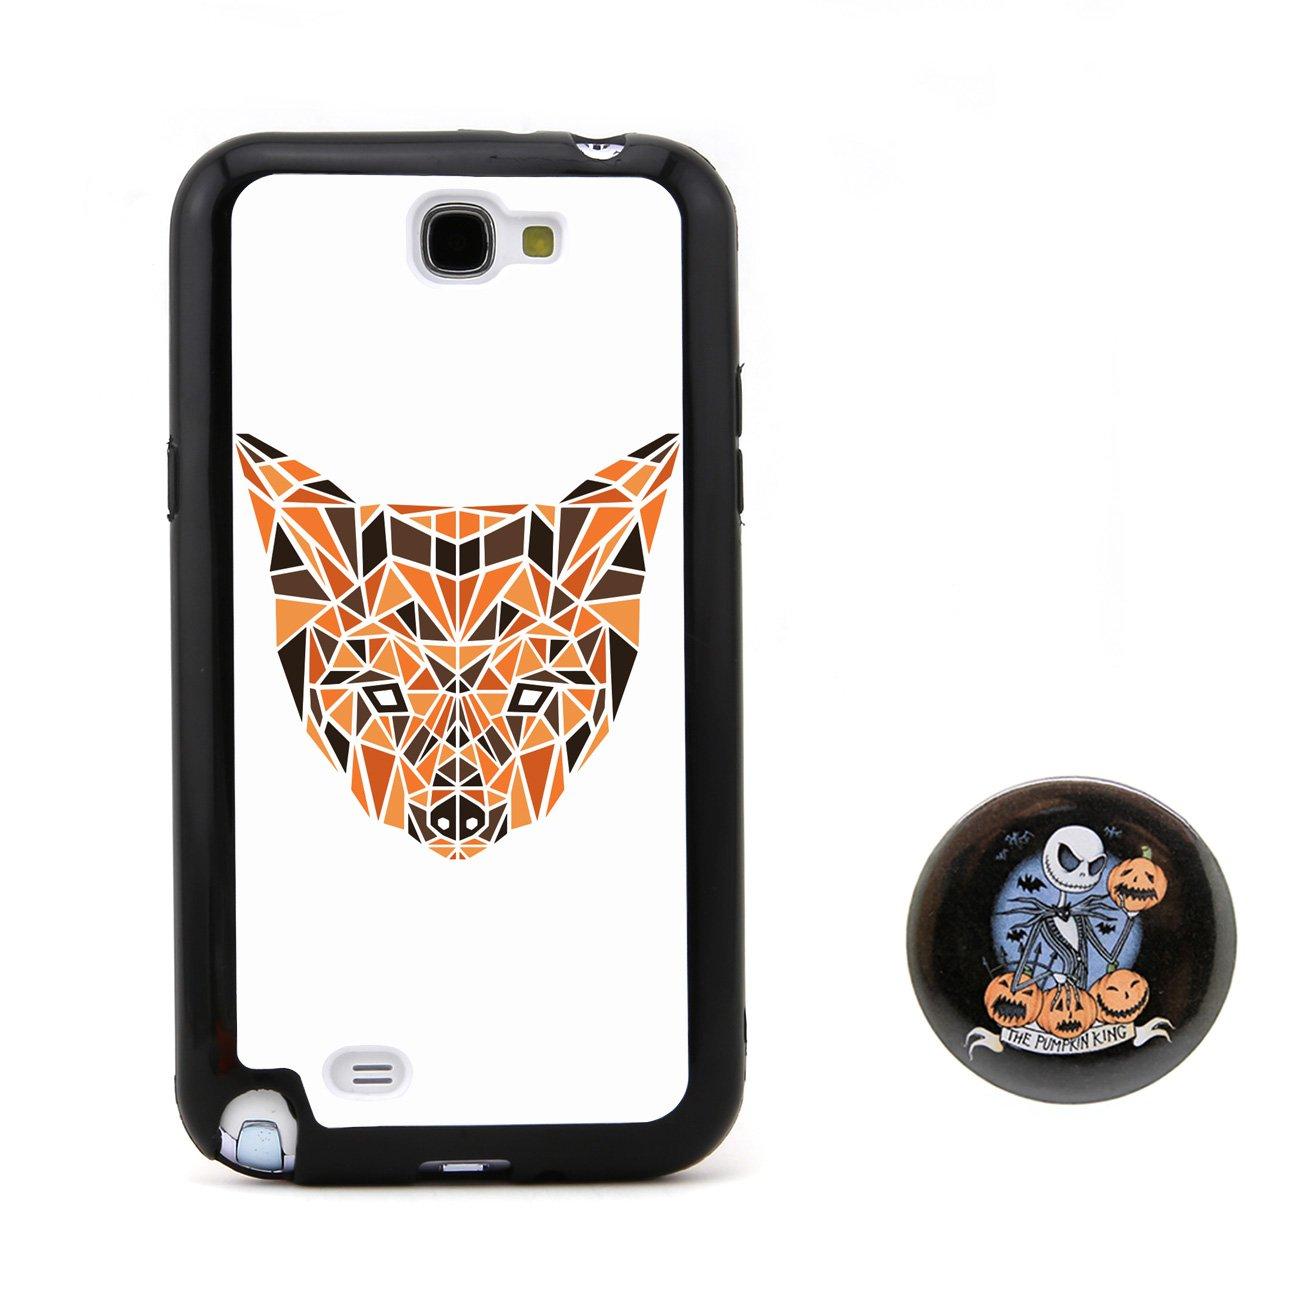 狗3d多边形动物头像浮雕设计风格 塑料 tpu手机壳 手机套 适用于 sams